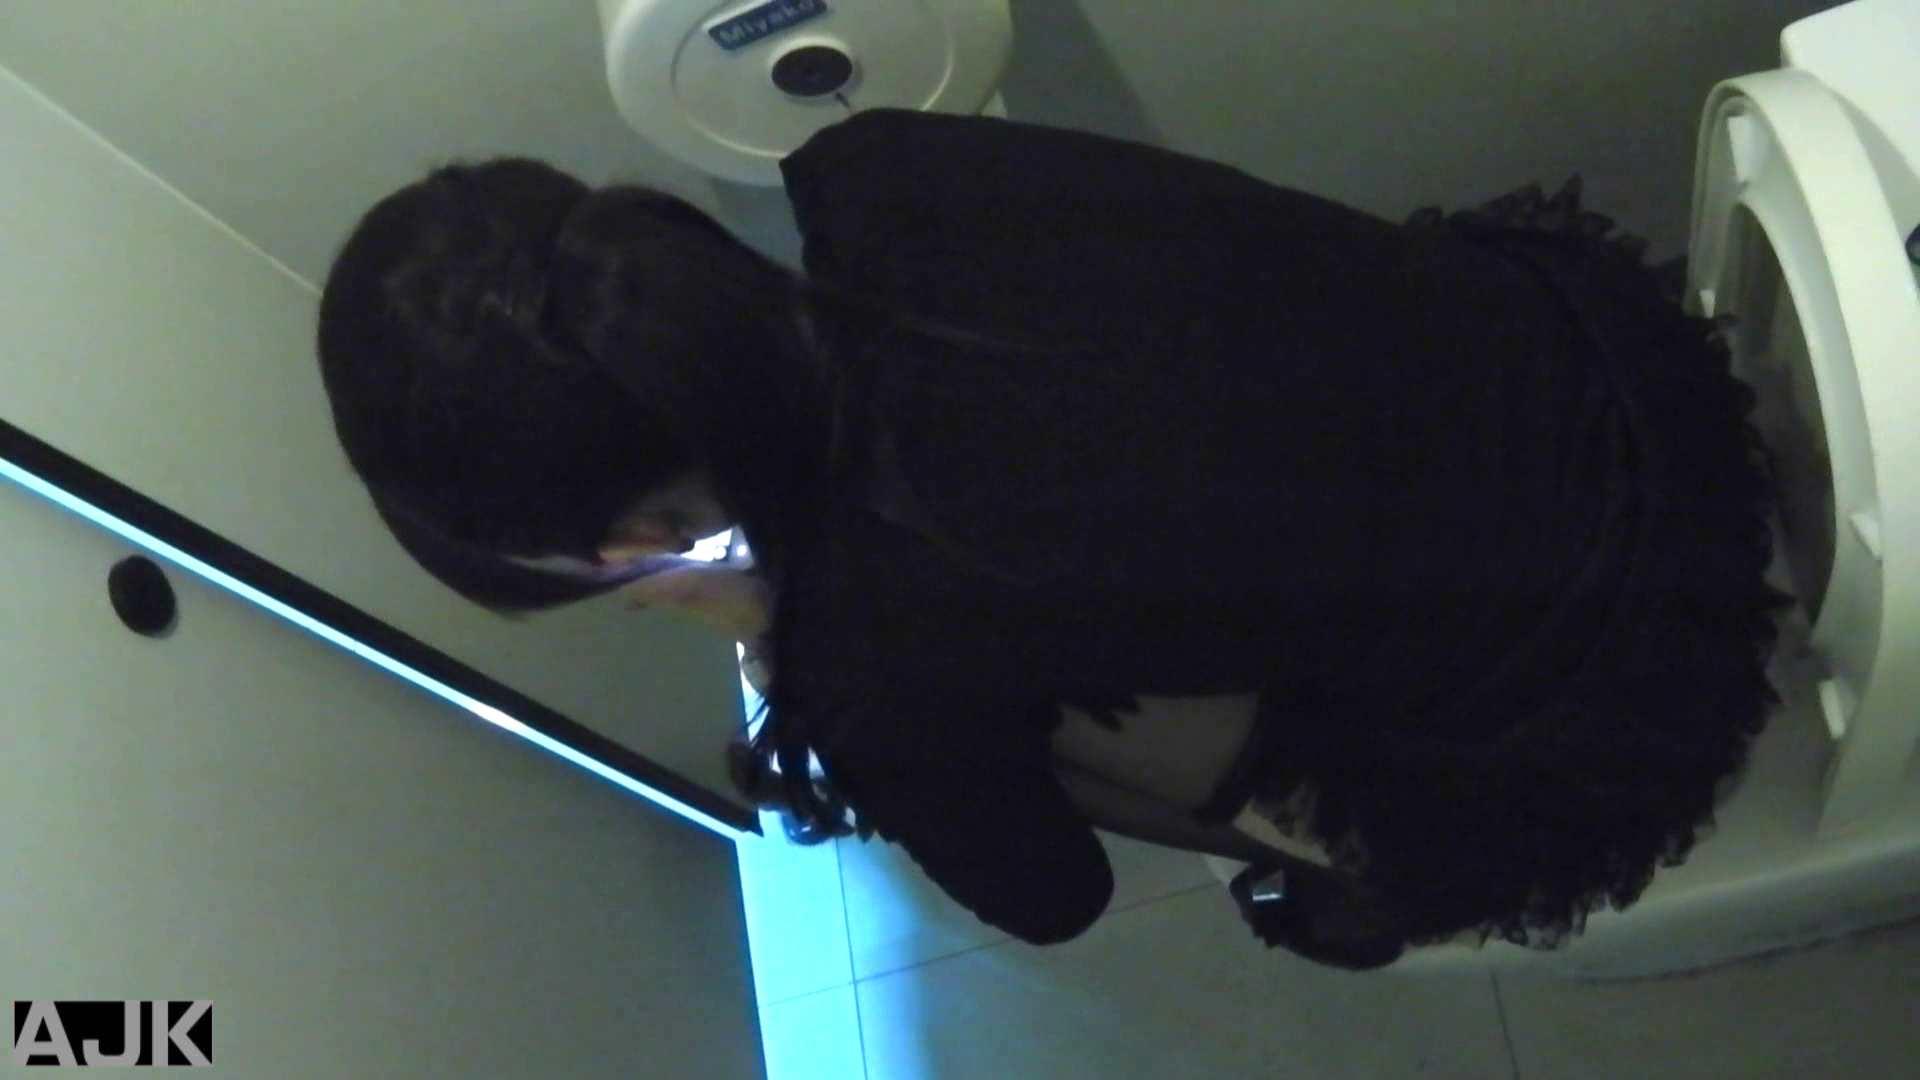 隣国上階級エリアの令嬢たちが集うデパートお手洗い Vol.23 お嬢様のエロ動画 | 便所の中まで  76枚 12